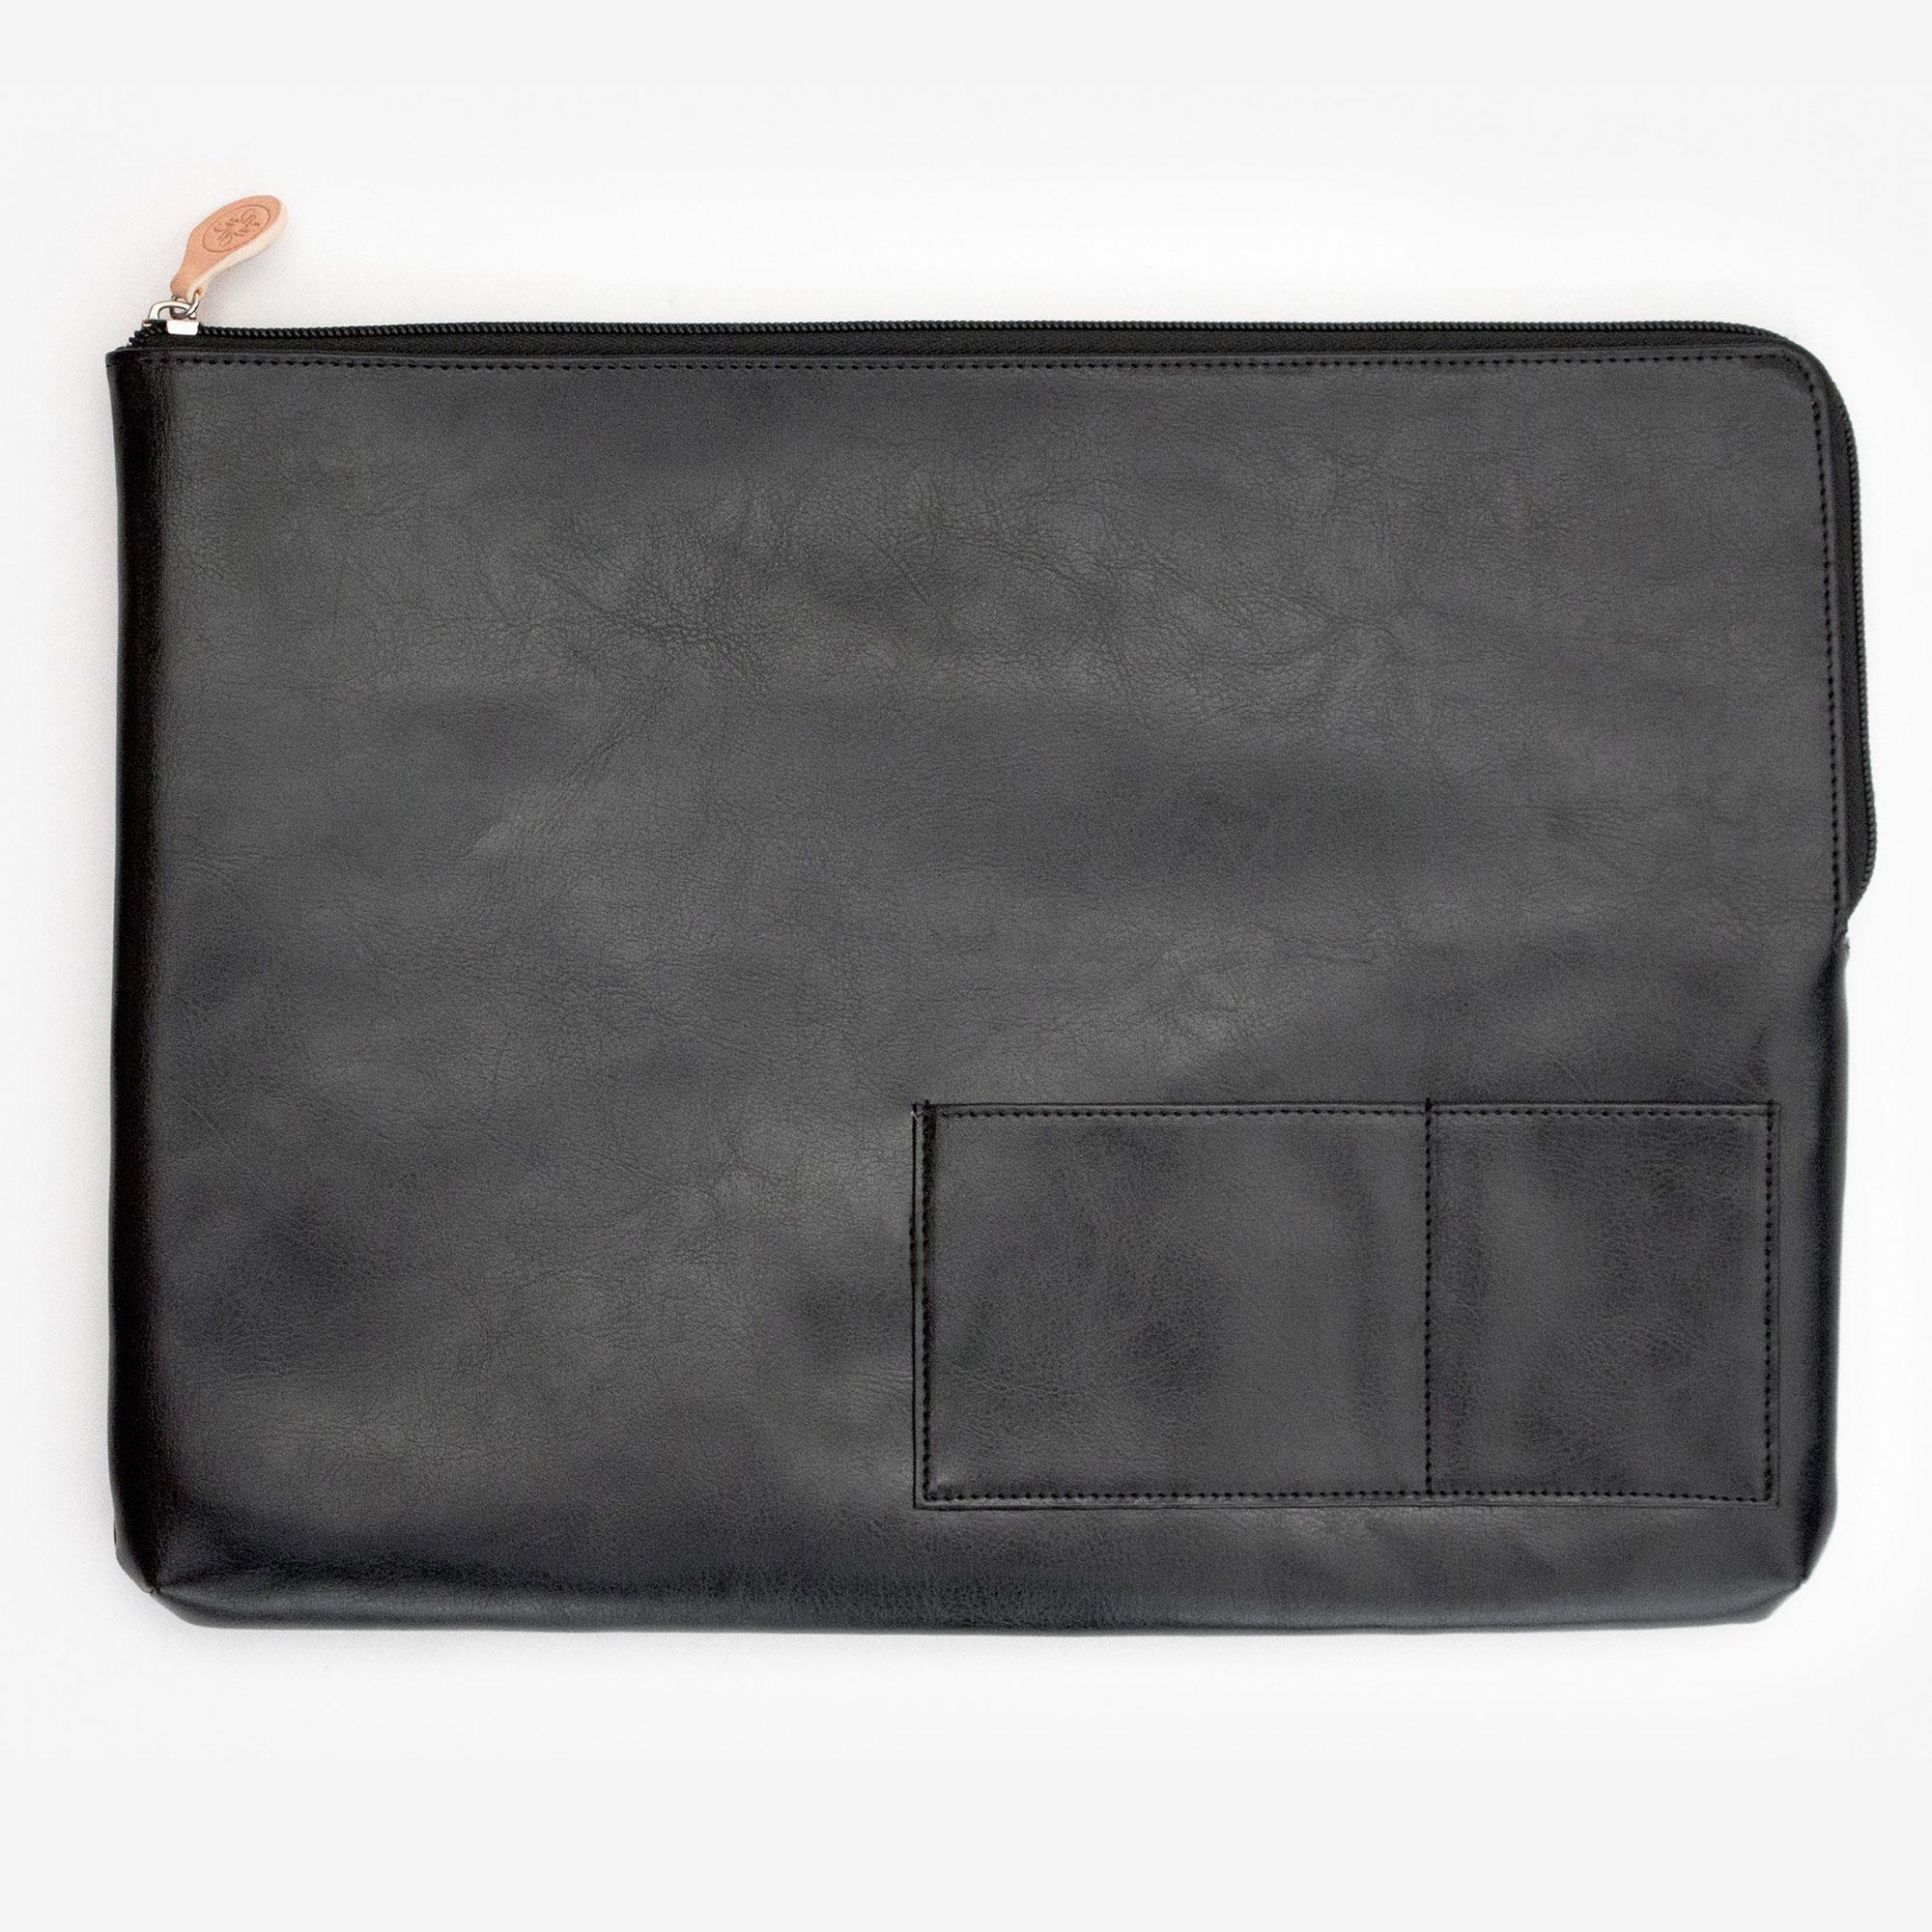 72000-zip-satchel-black-1